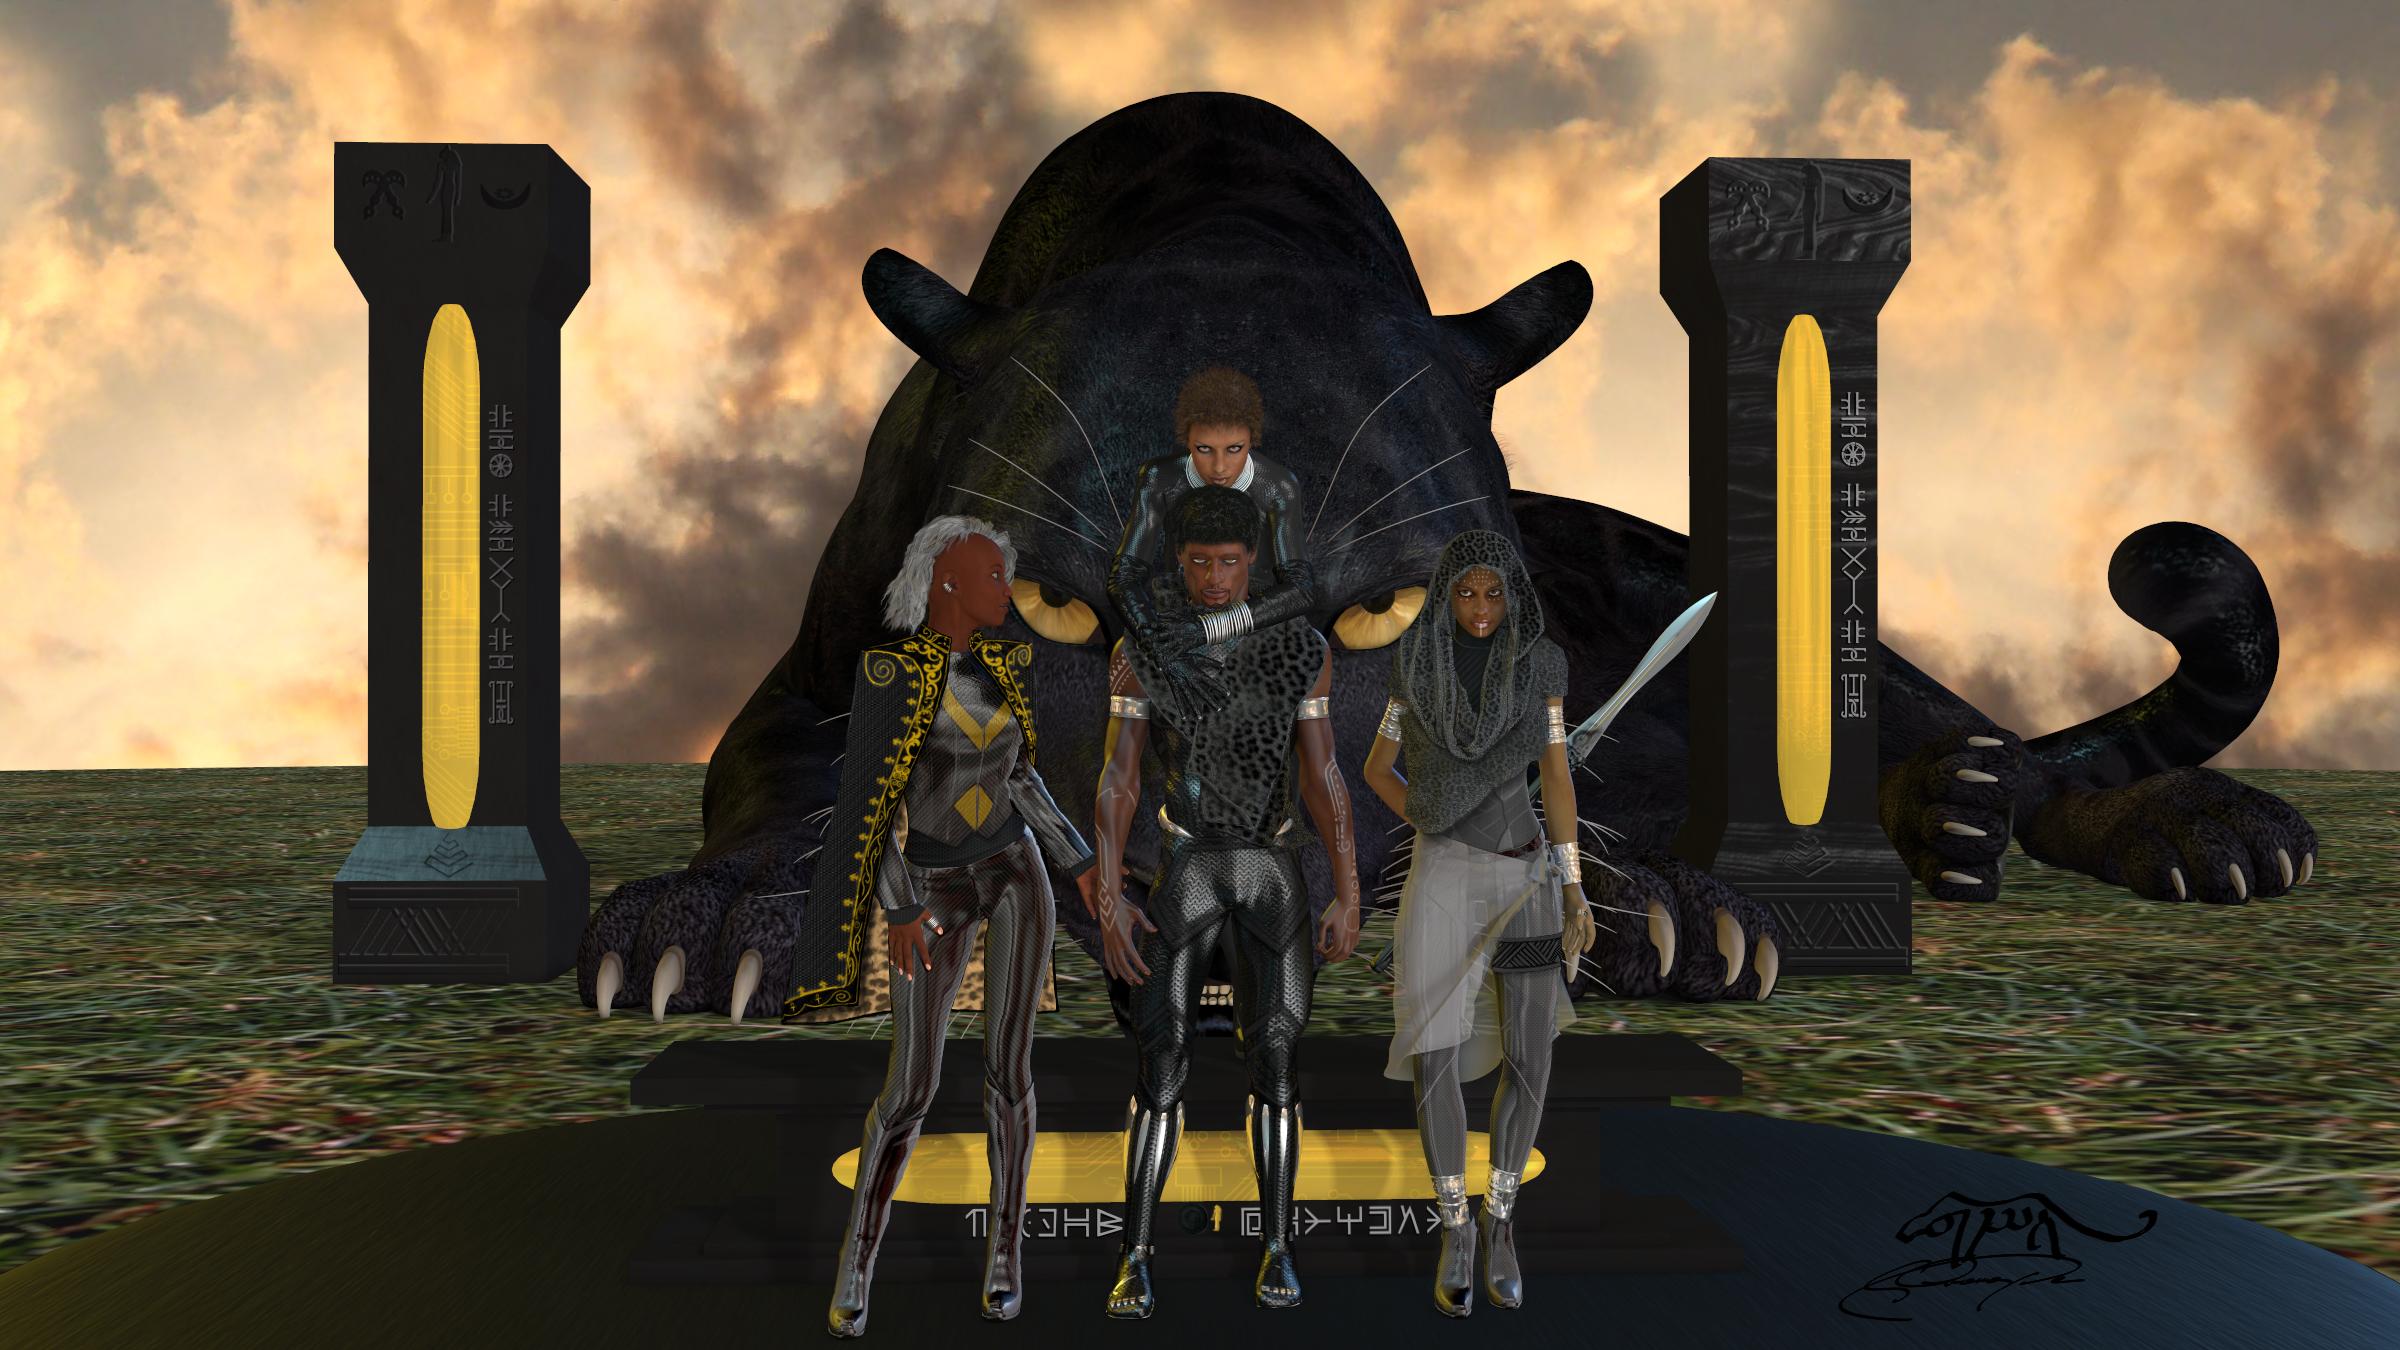 Black Panther By Portela On Deviantart: TheBLACK-PANTHER DeviantArt Gallery